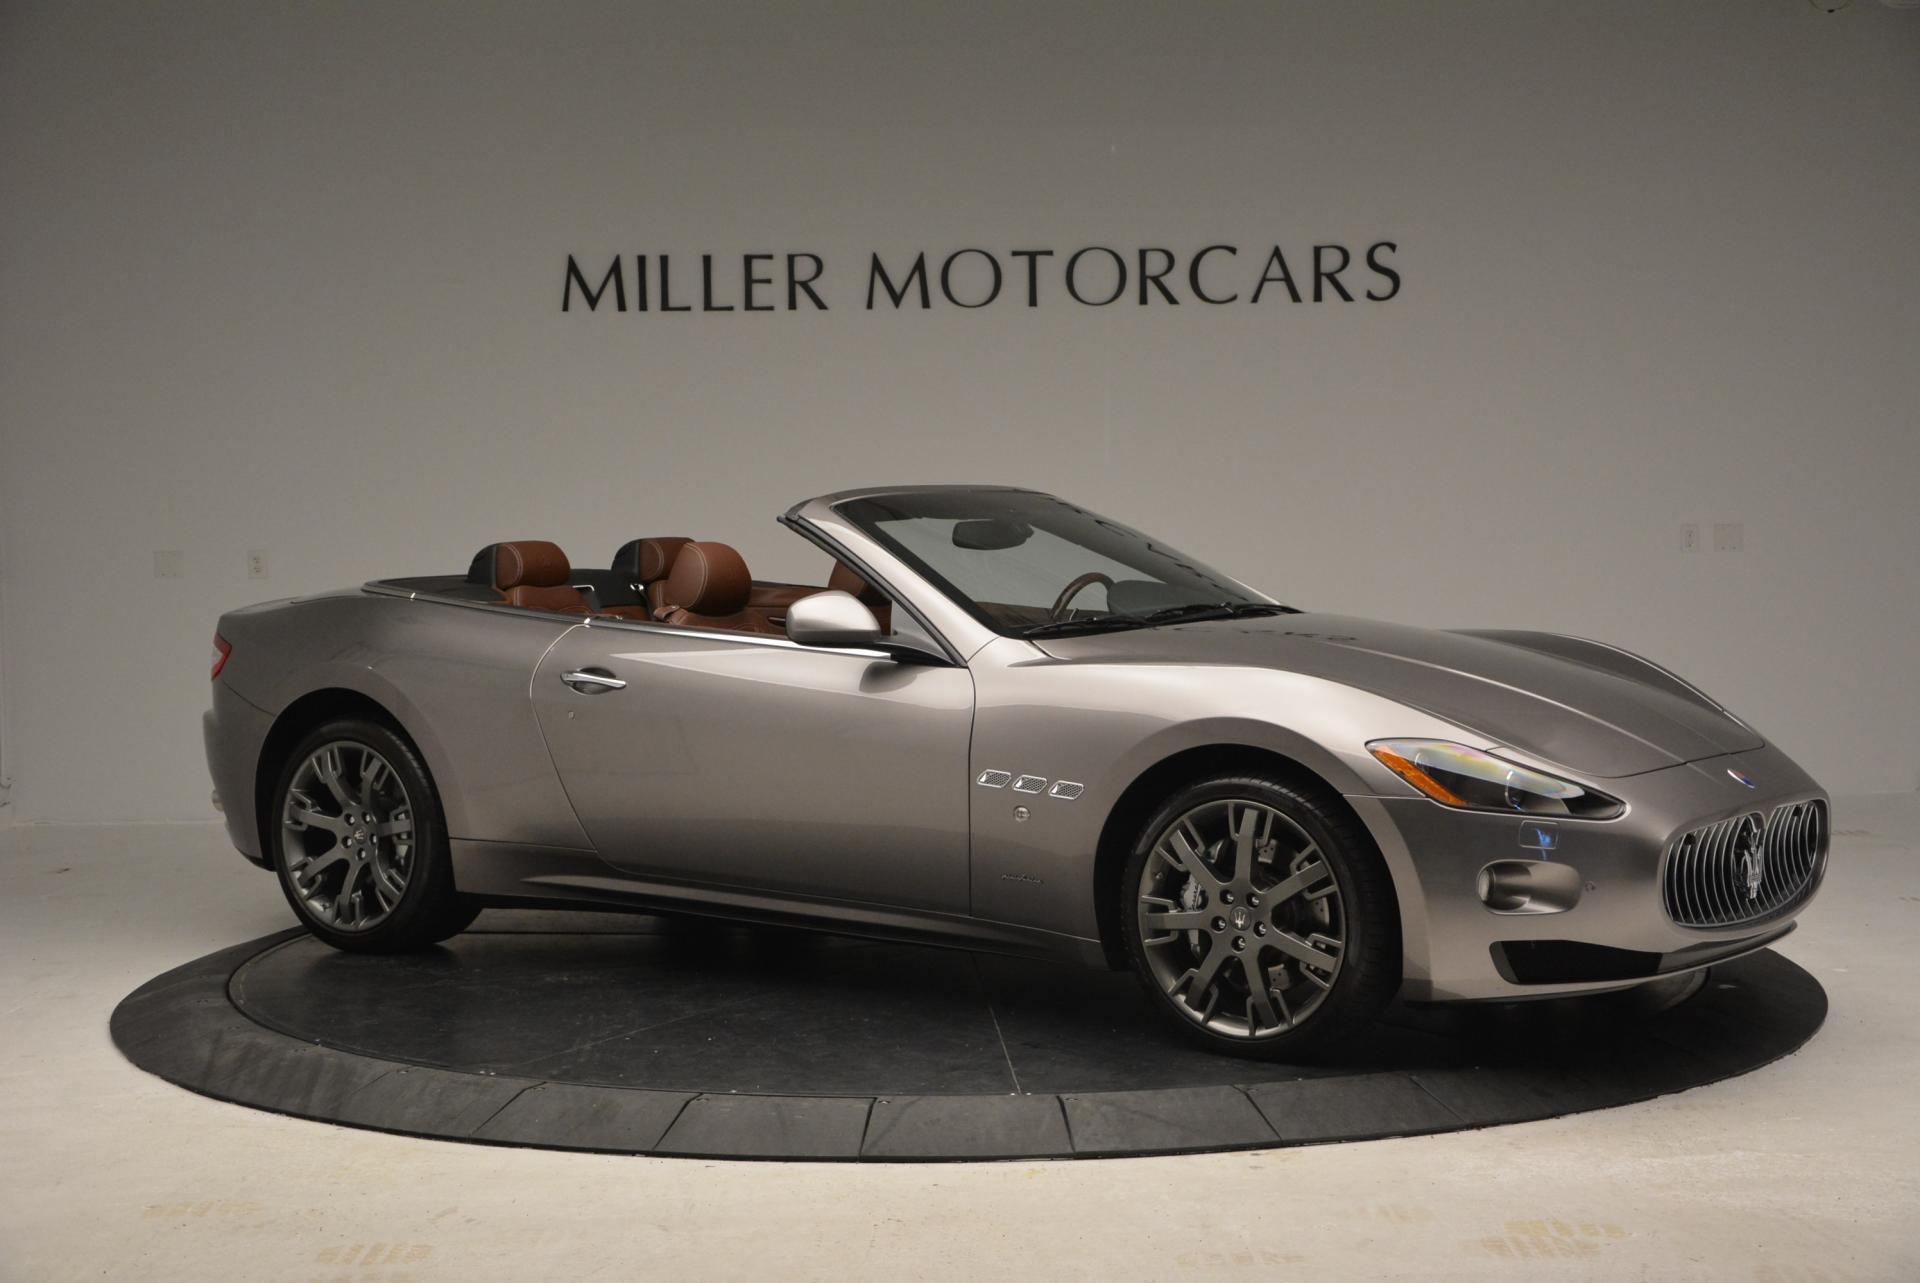 Used 2012 Maserati GranTurismo  For Sale In Greenwich, CT 157_p10